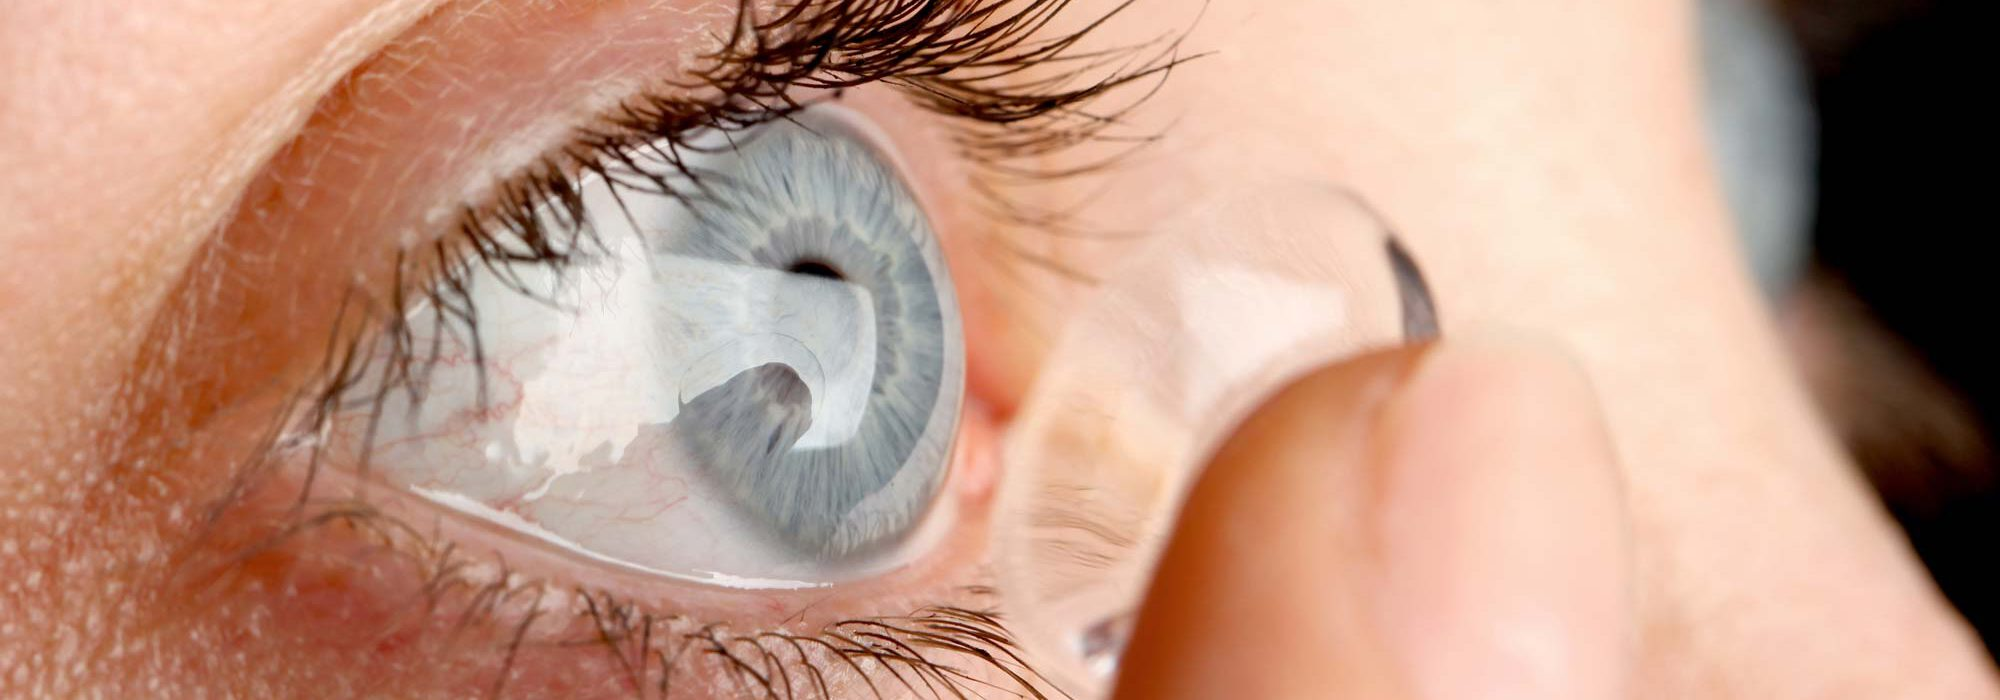 Kontaktlinsen für jede Lebenslage und ein Leben lang gibt es bei Heerhorst.